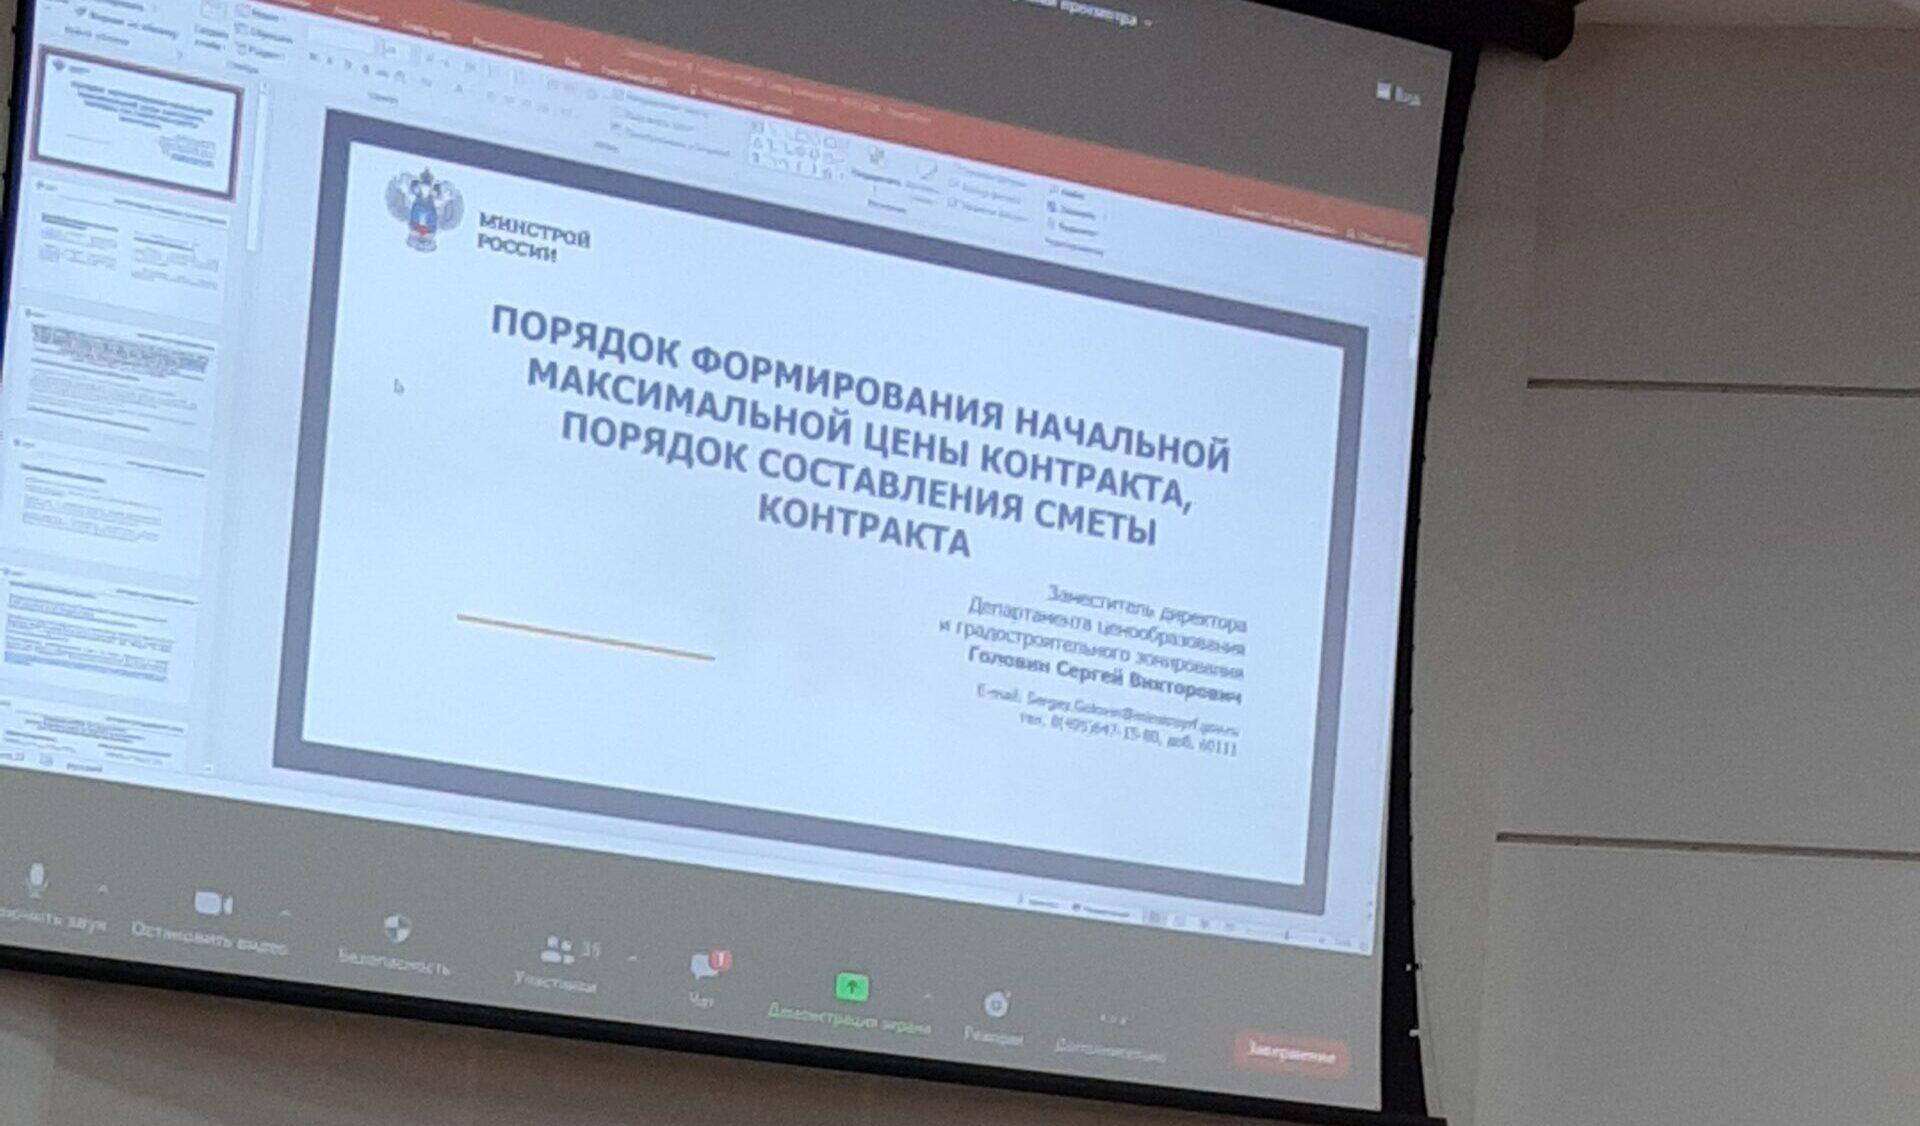 Выездное заседание Правления РСС на тему: «О взаимодействии РСС со строительным сообществом и руководством регионов по развитию государственно-частного партнёрства»